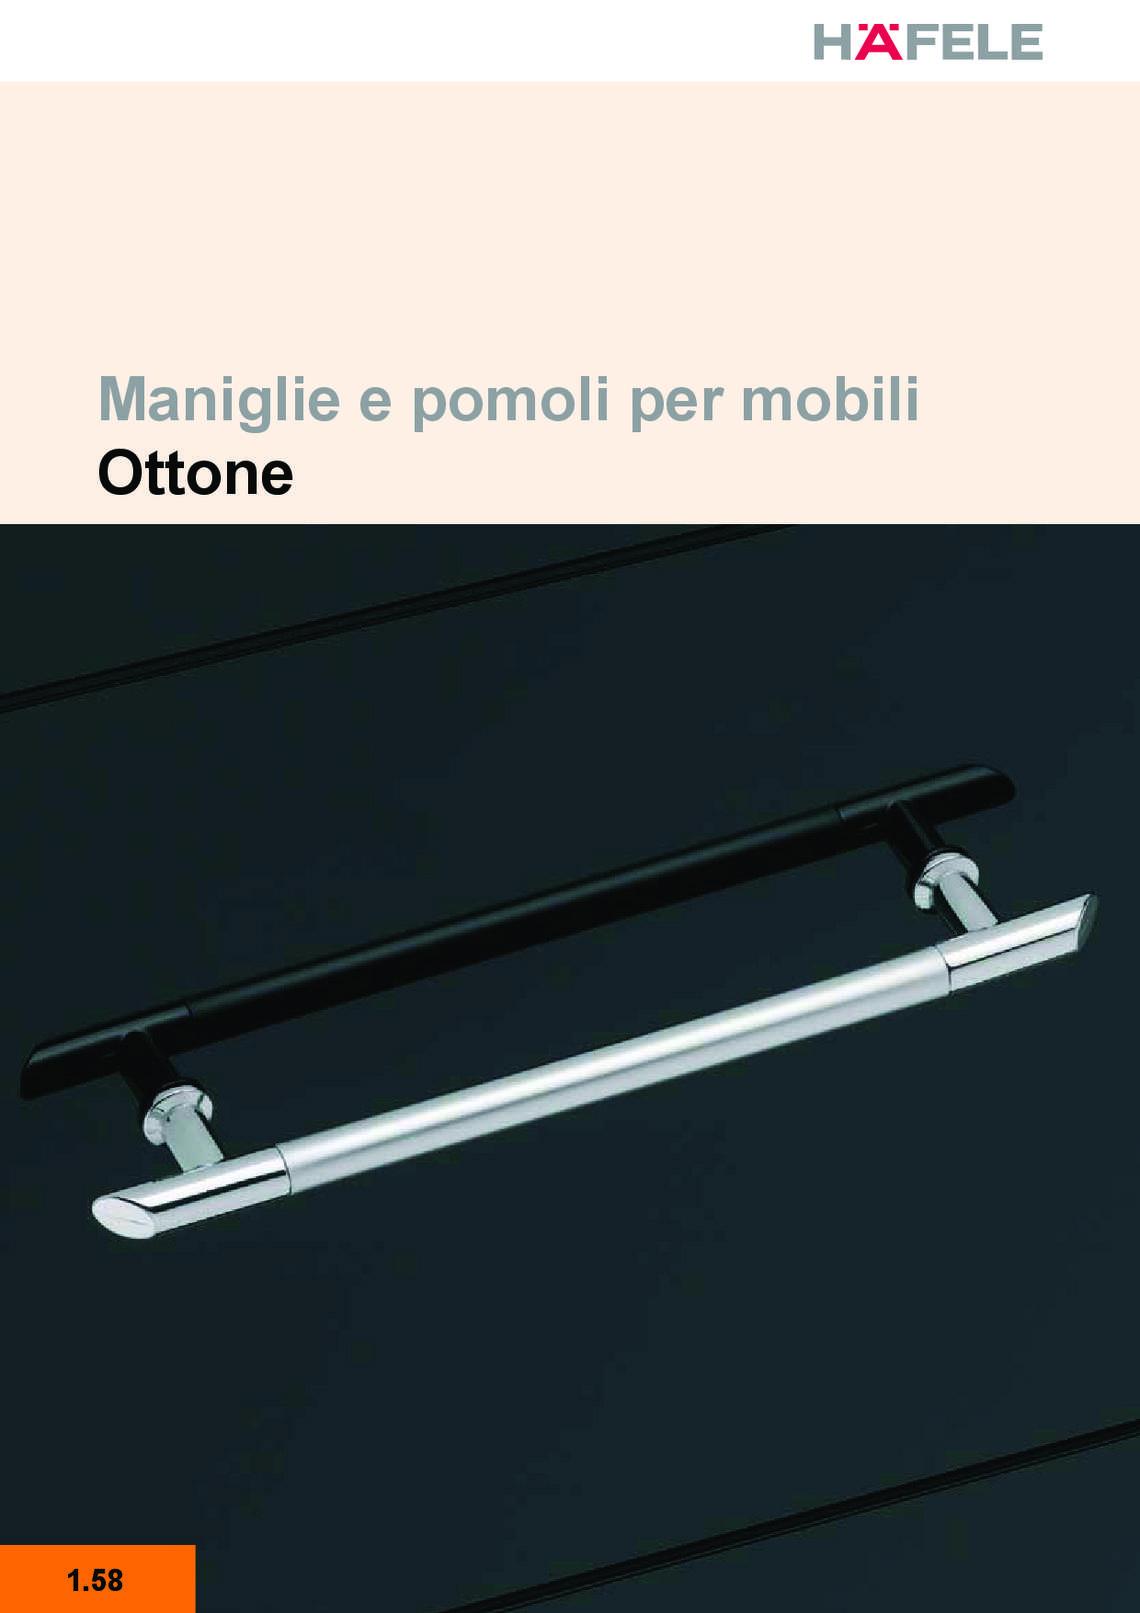 hafele-maniglie-e-pomoli_79_067.jpg